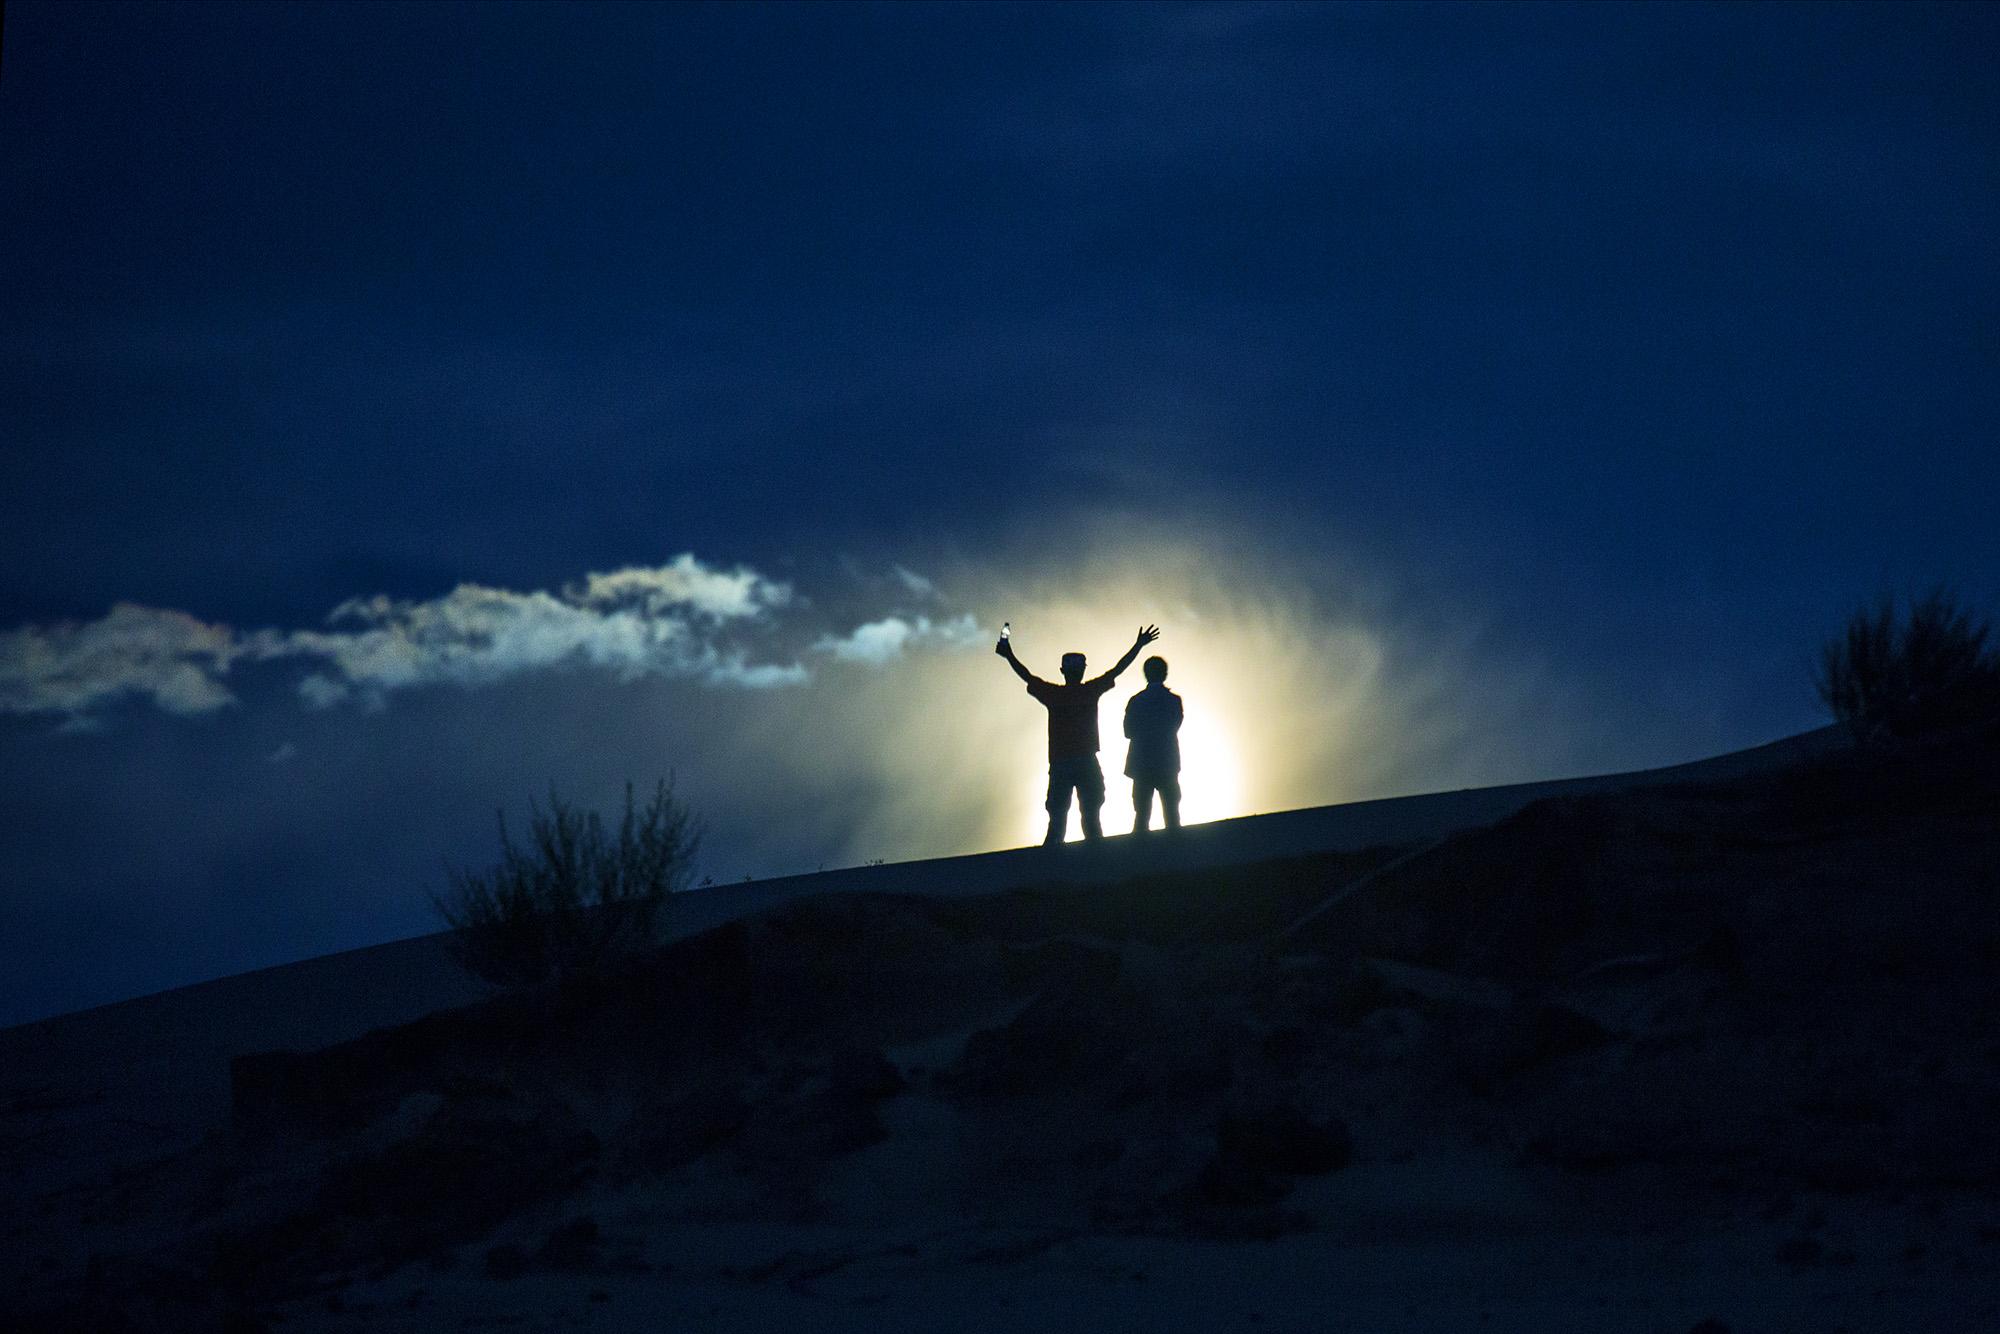 莹莹望月作品 莹莹望月摘星